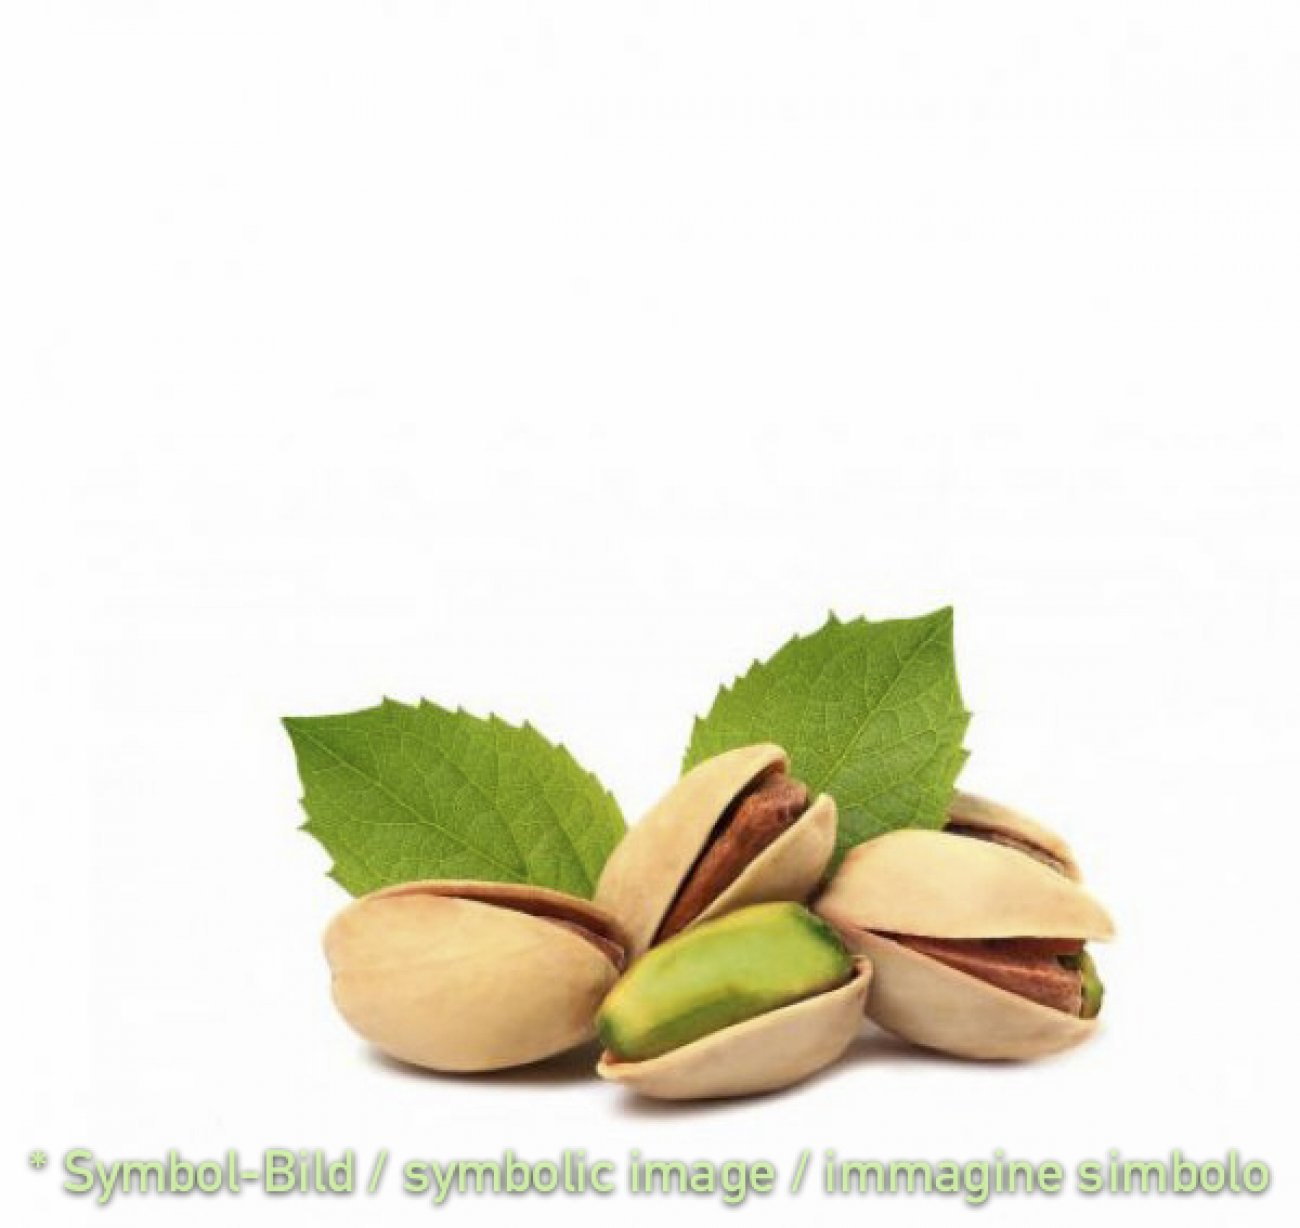 chopped pistachio / granella di pistacchio - bag 1 kg - Ice cream decoration garnish